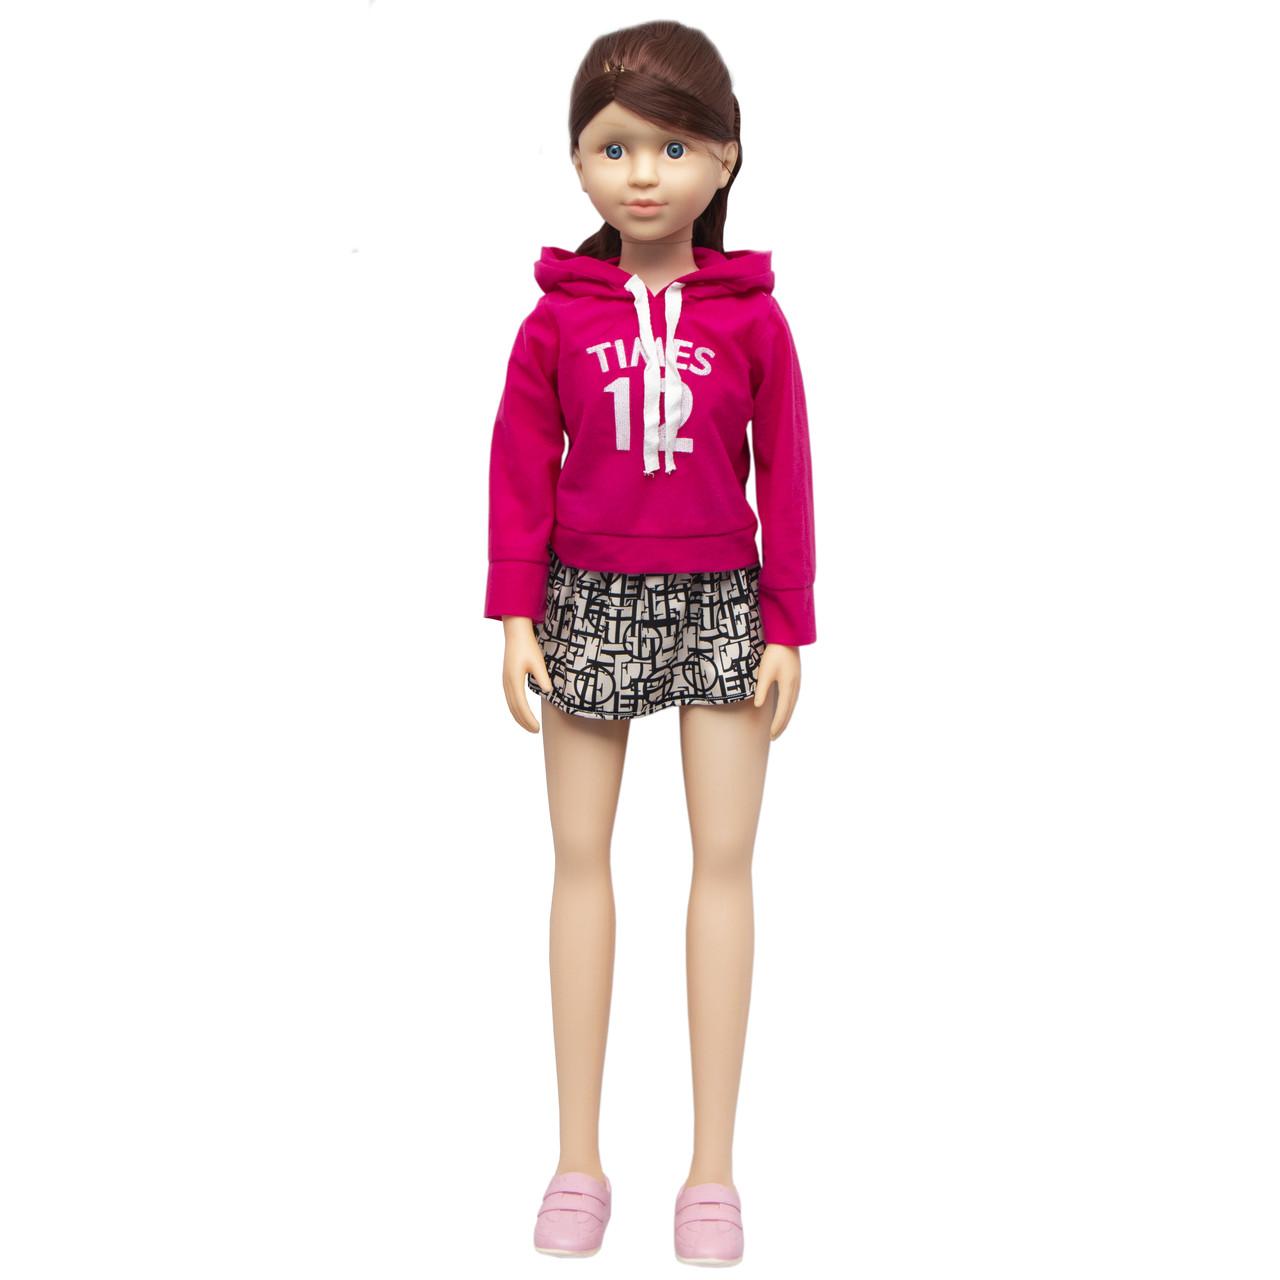 Лялька що ходить класична, 100 см, в рожевій толстовці з темним волоссям (sum950058)